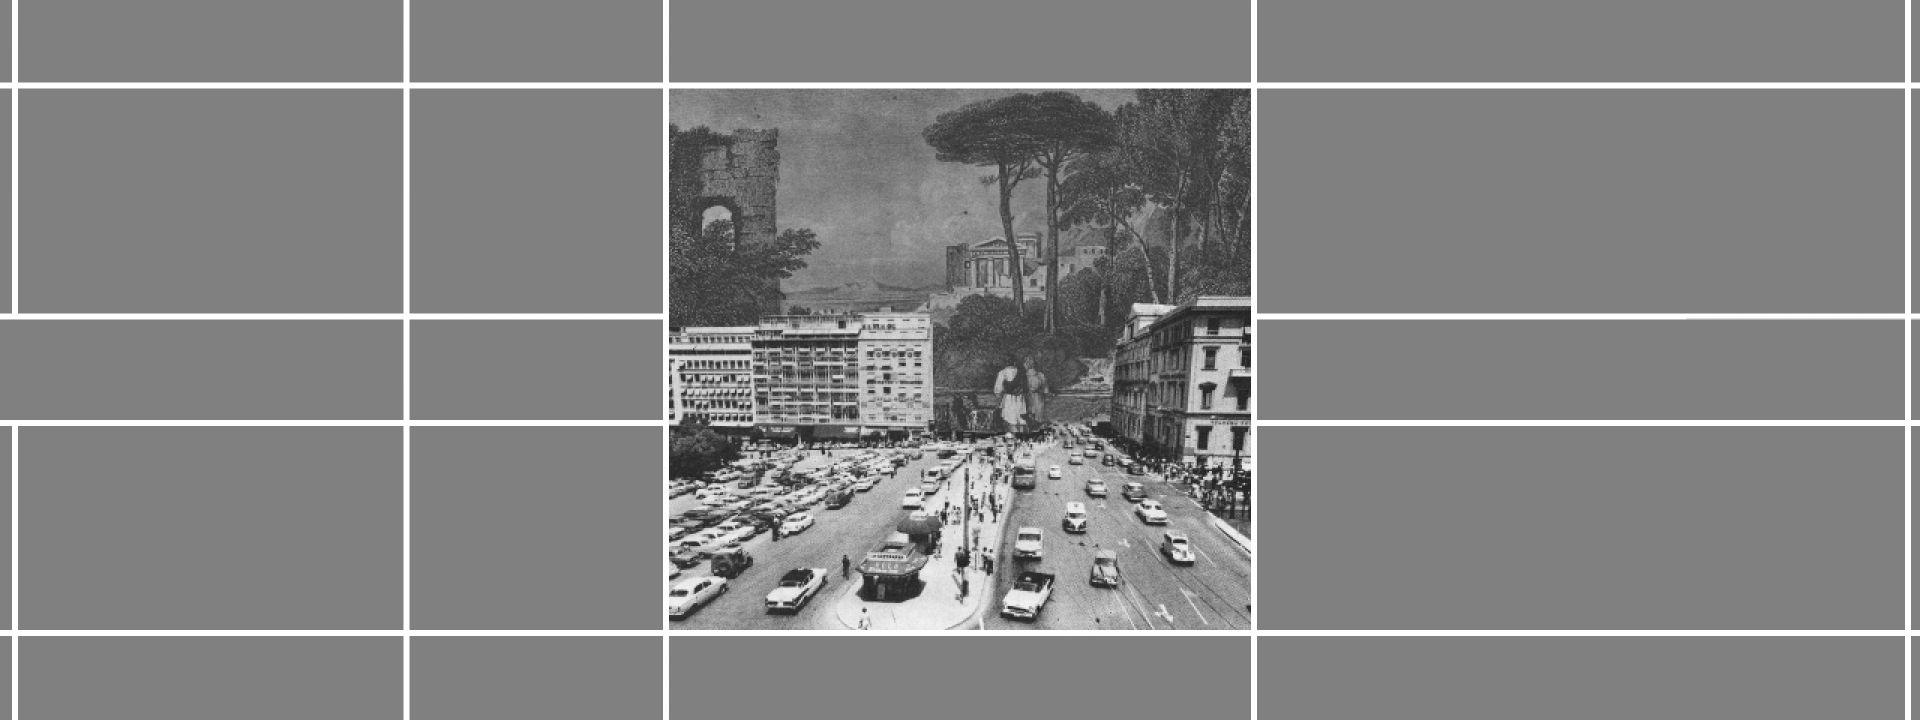 Ομιλία του Καθηγητή Τάση Παπαιωάννου: Αρχιτεκτονική και Πόλη